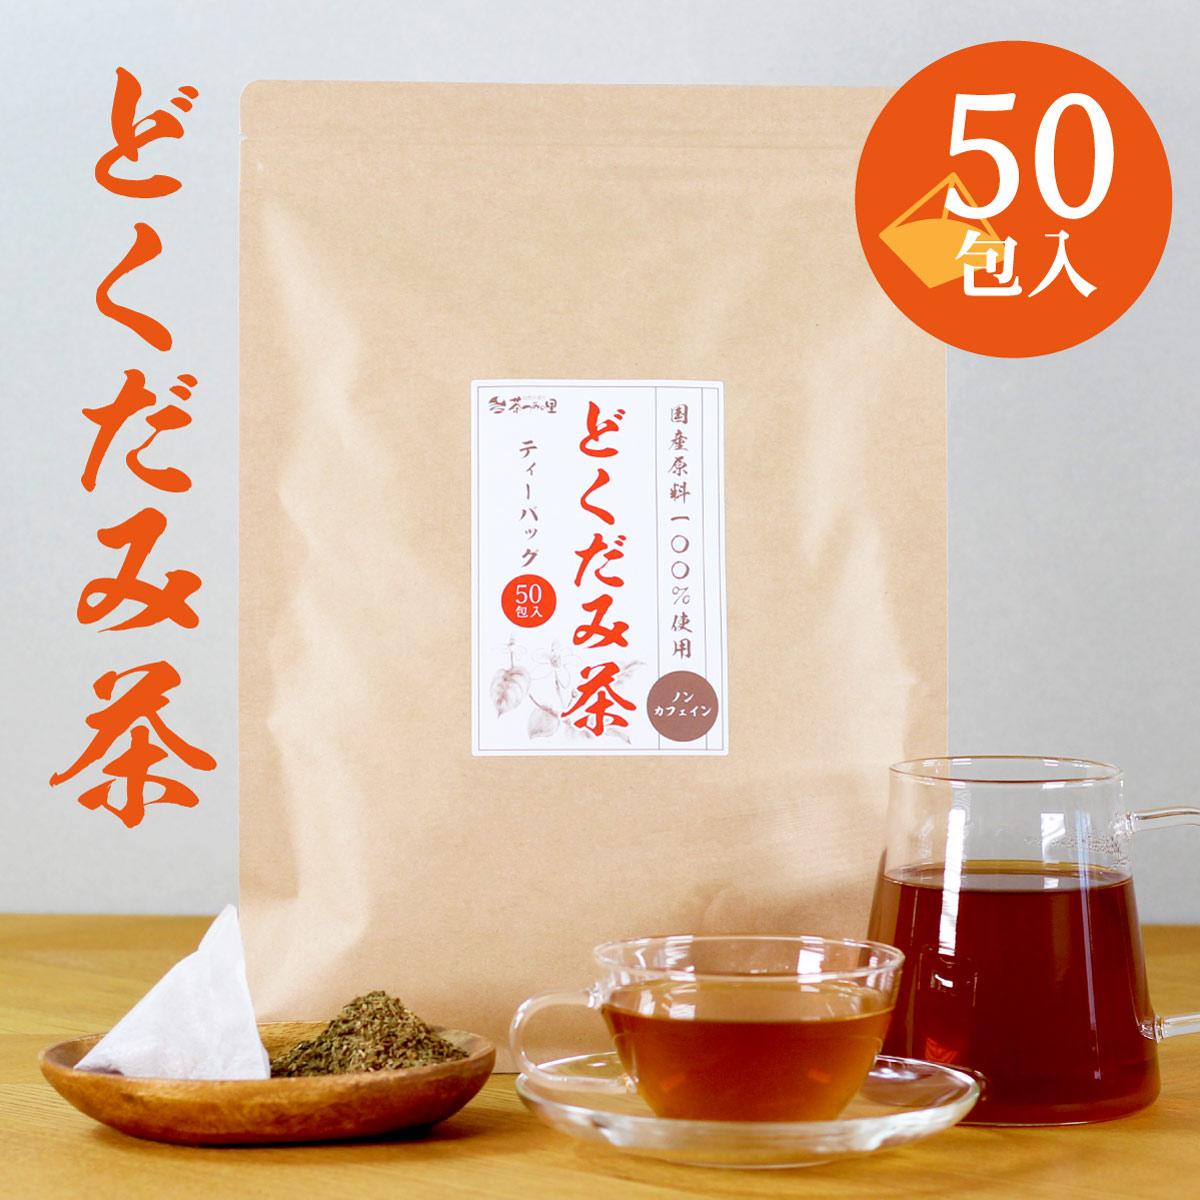 【送料無料】国産 どくだみ茶 ティーバッグ (3g×50包入)